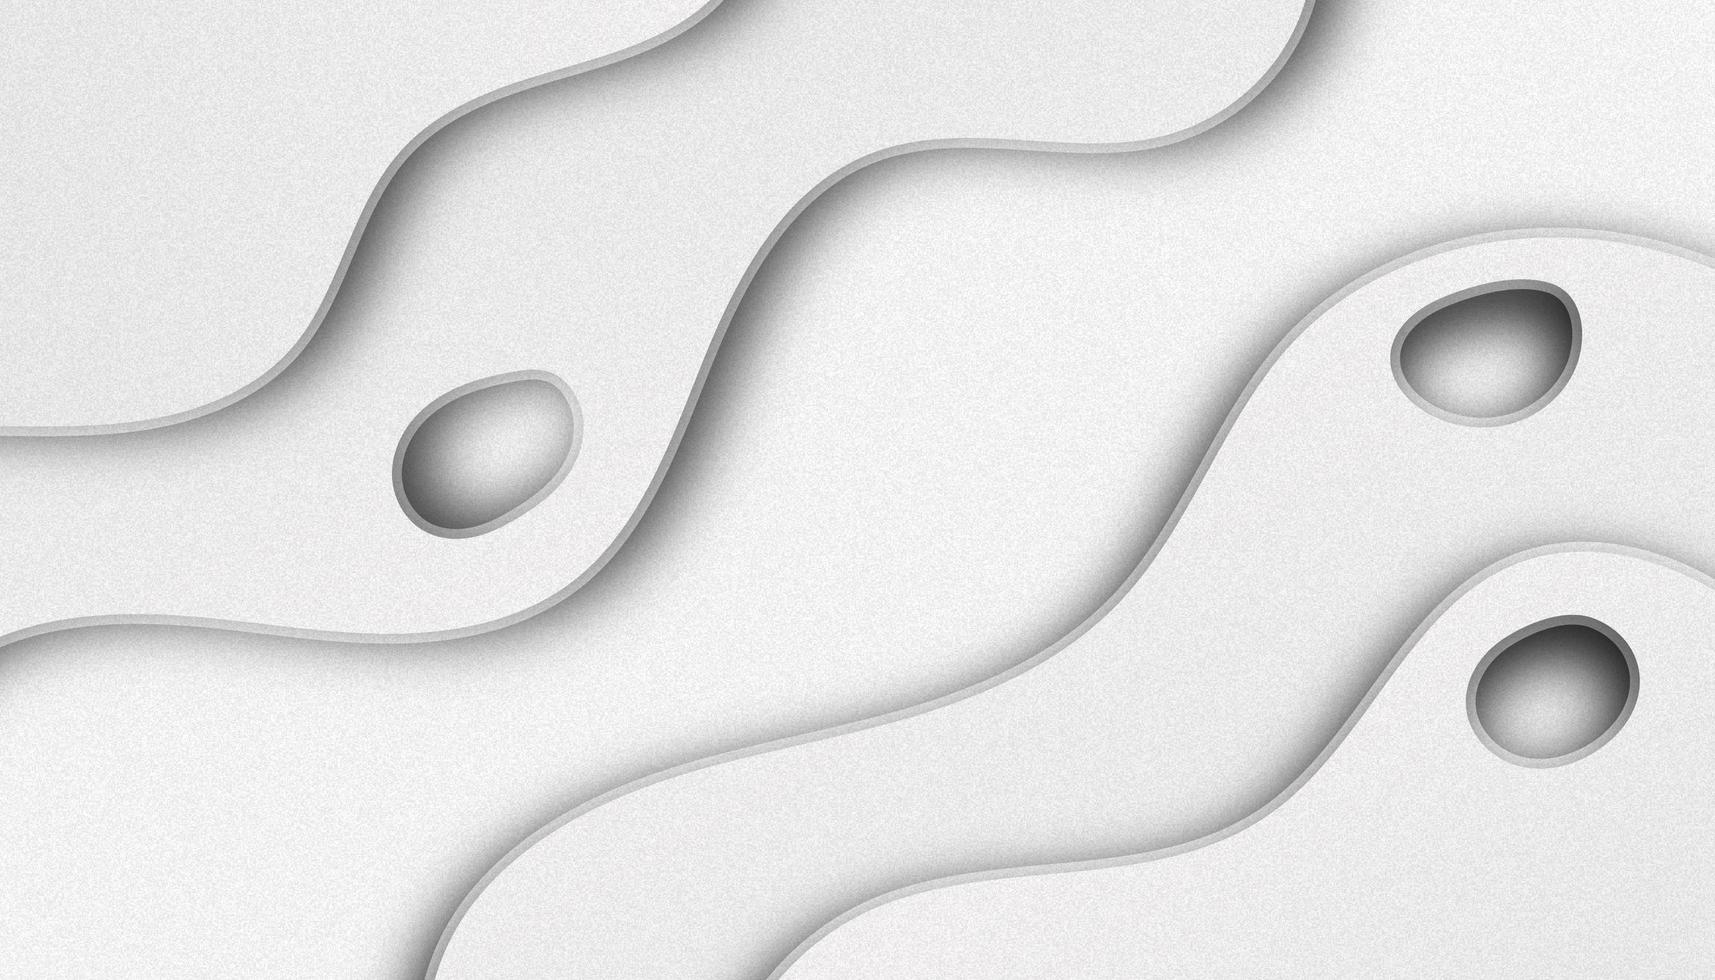 Weißes Schnittpapier überlagerte Hintergrund vektor